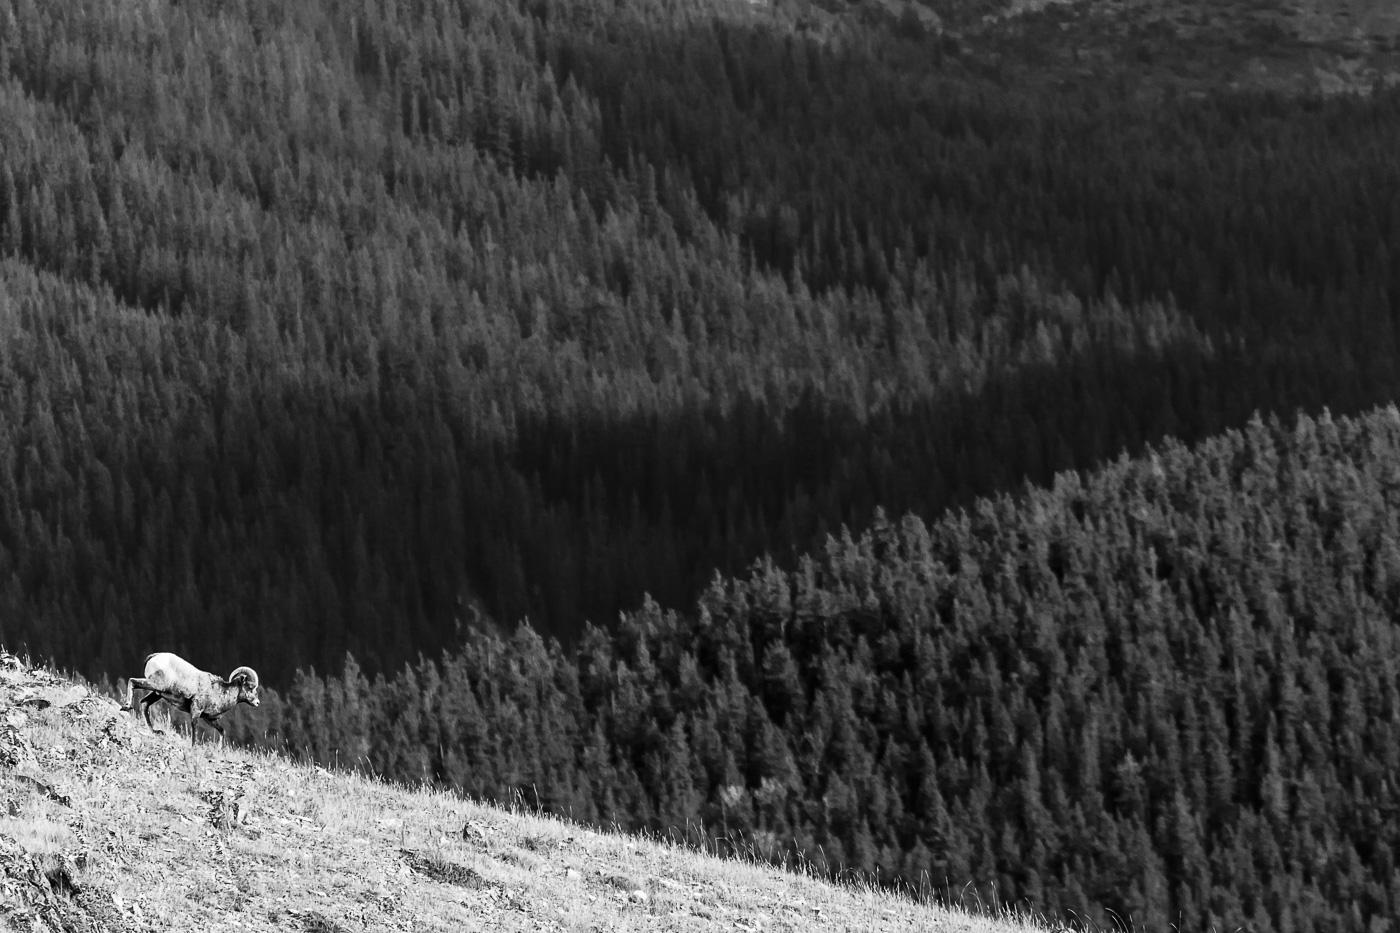 Bighorn Sheep (Ovis canadiensis), Jasper National Park, Canada. - Fauna de Nord-Amèrica - Raül Carmona - Fotografia, Fotografia d'estudi, esdeveniments i Natura